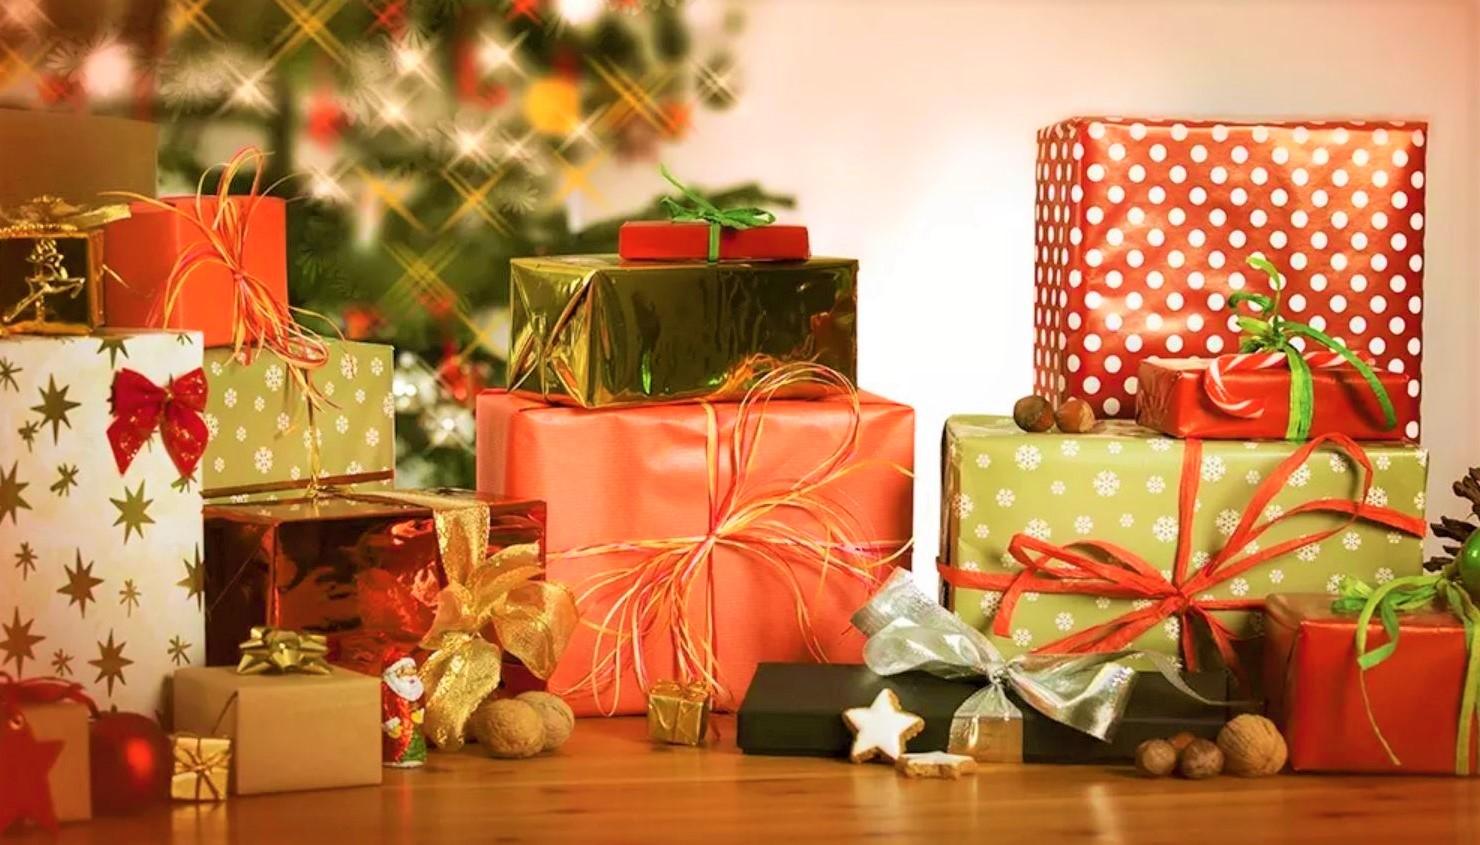 Foto: Hai să susținem producătorii autohtoni! Cumpără de la ei cadouri pentru cei dragi de sărbători!